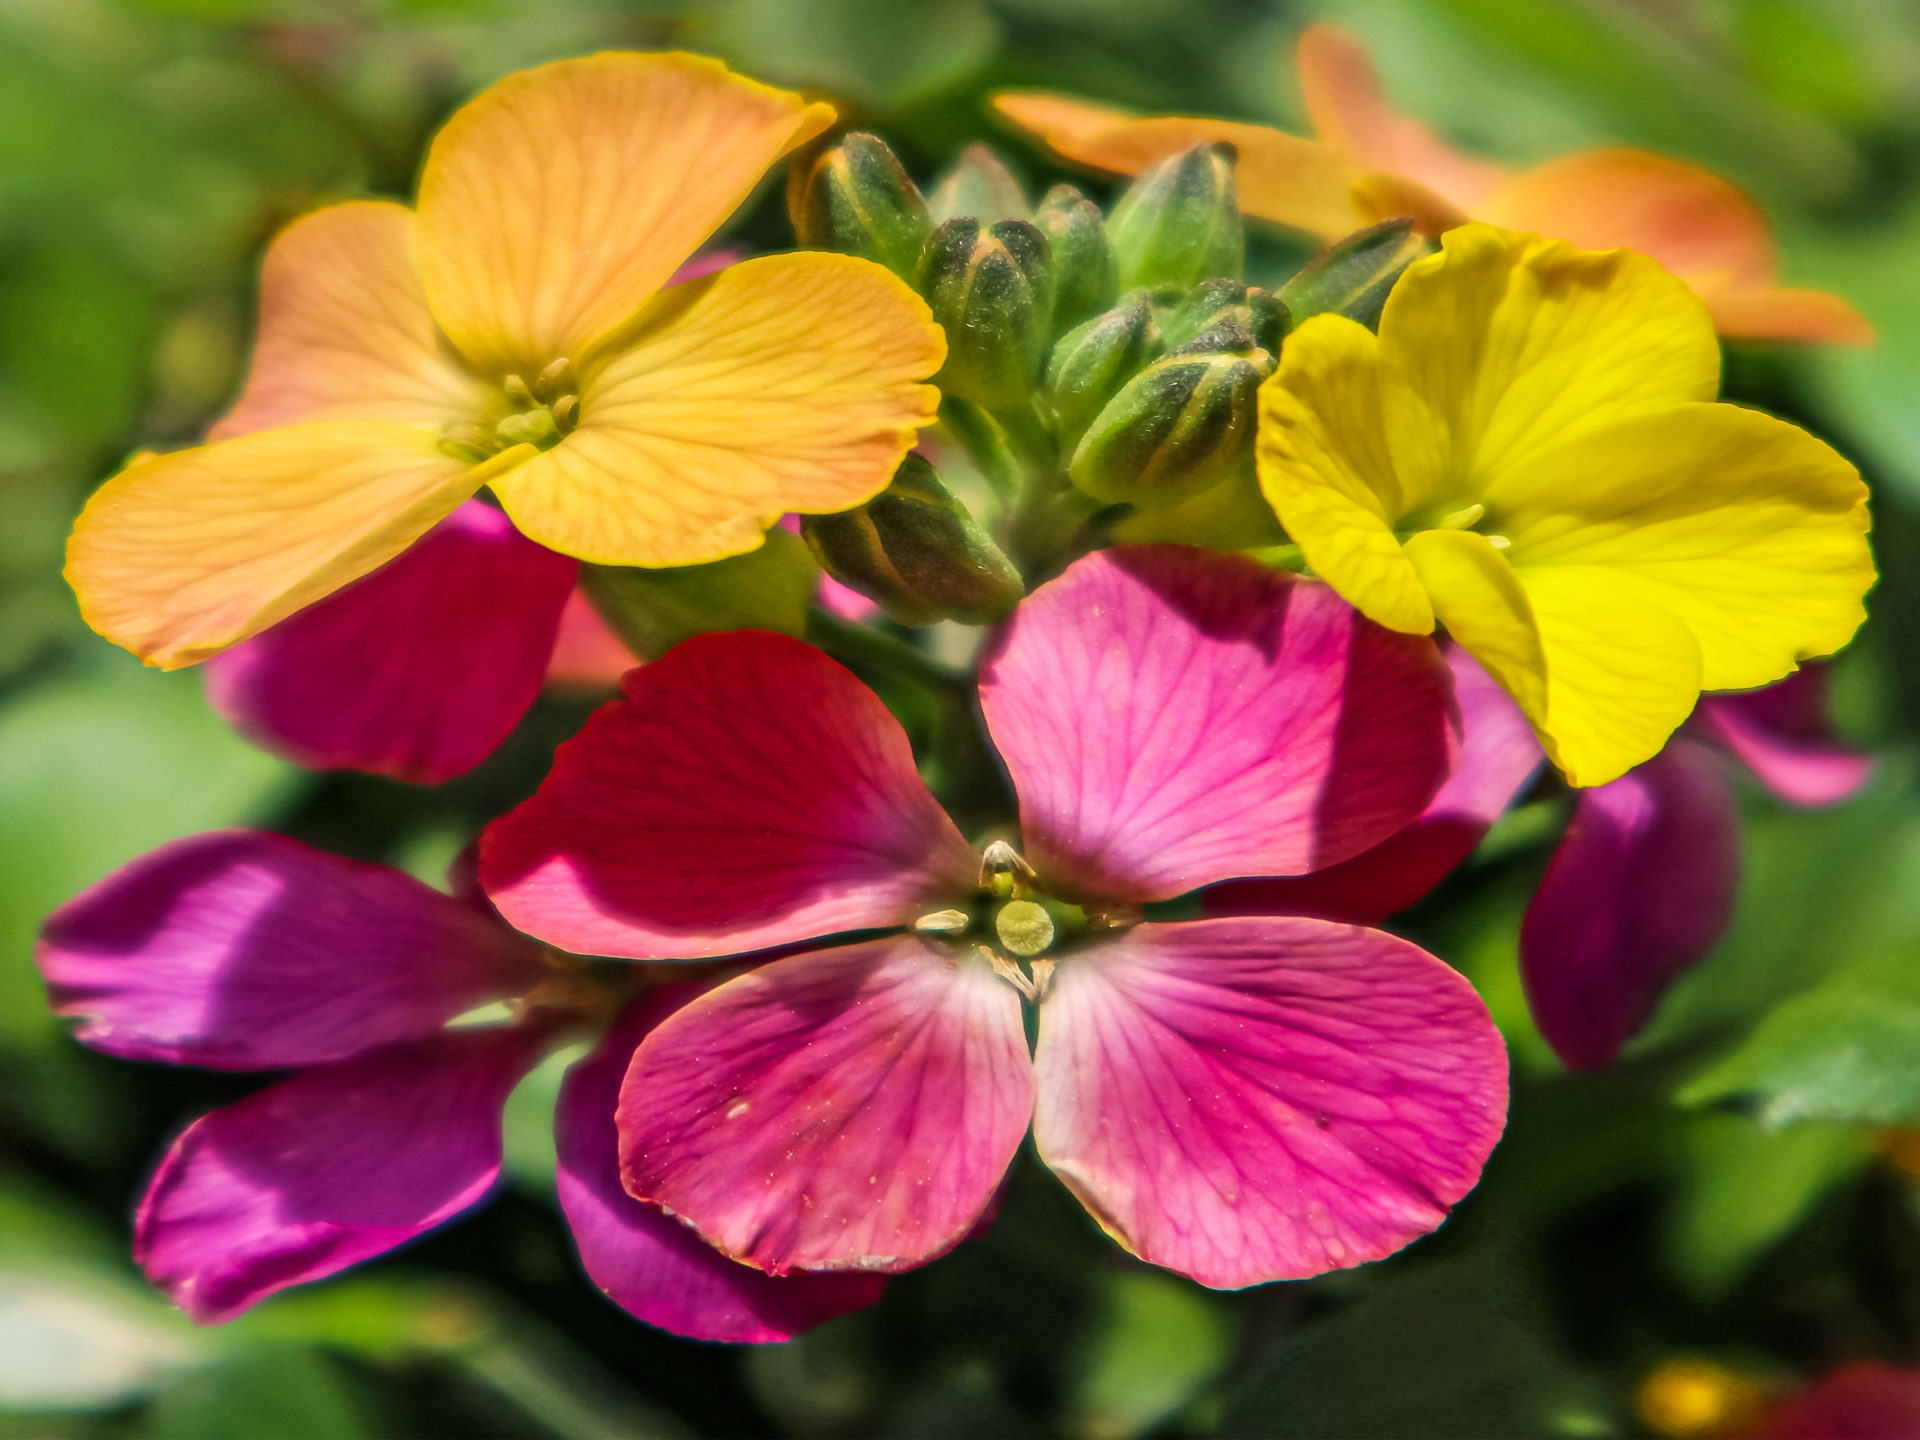 ガーデン用品屋さんの花図鑑 エリシマム